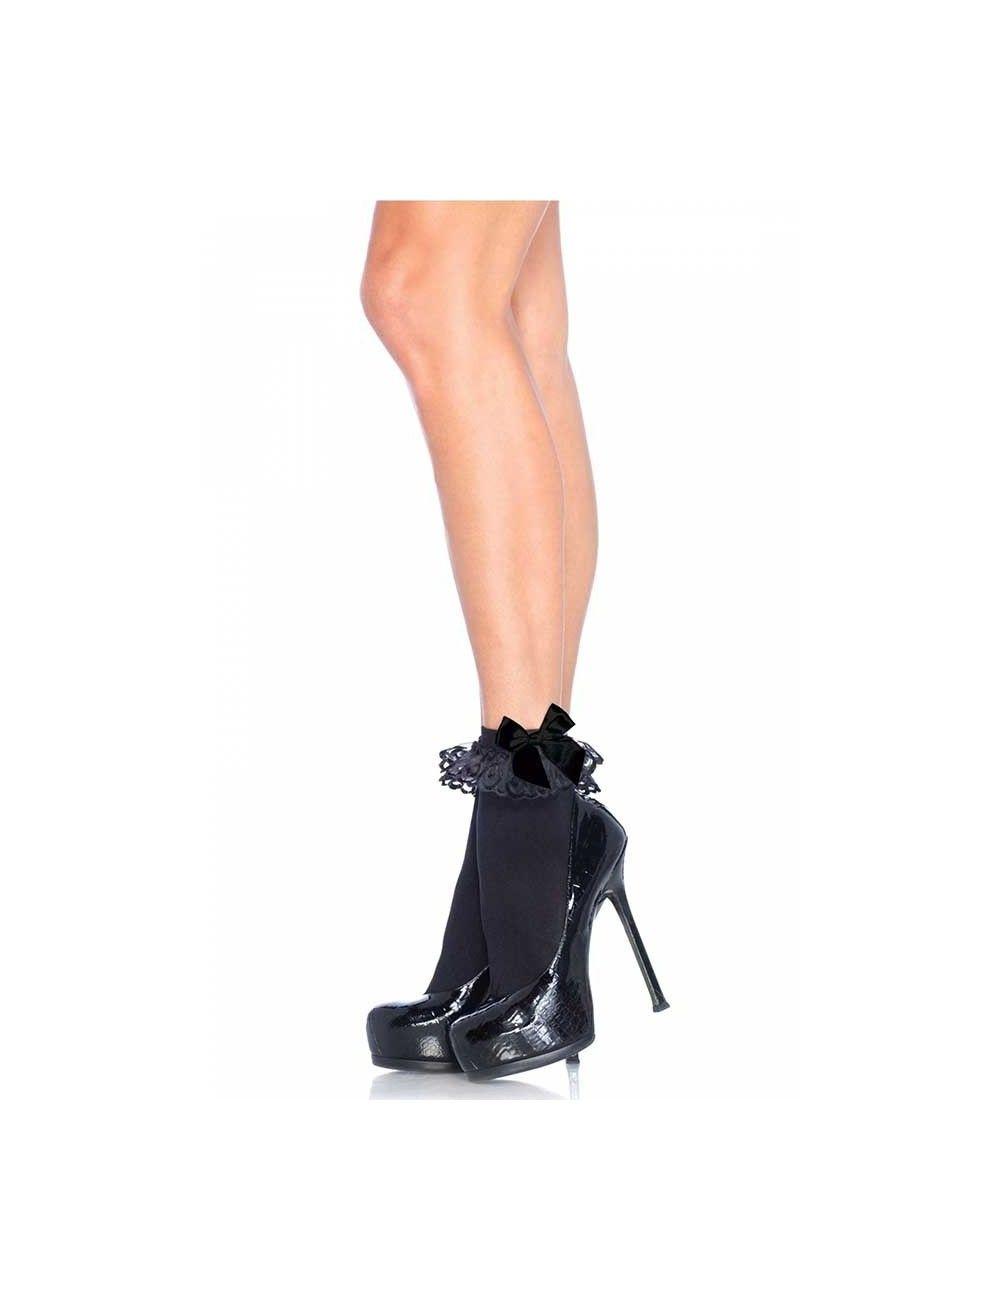 Soquettes noires avec dentelle et noeud LEG AVENUE